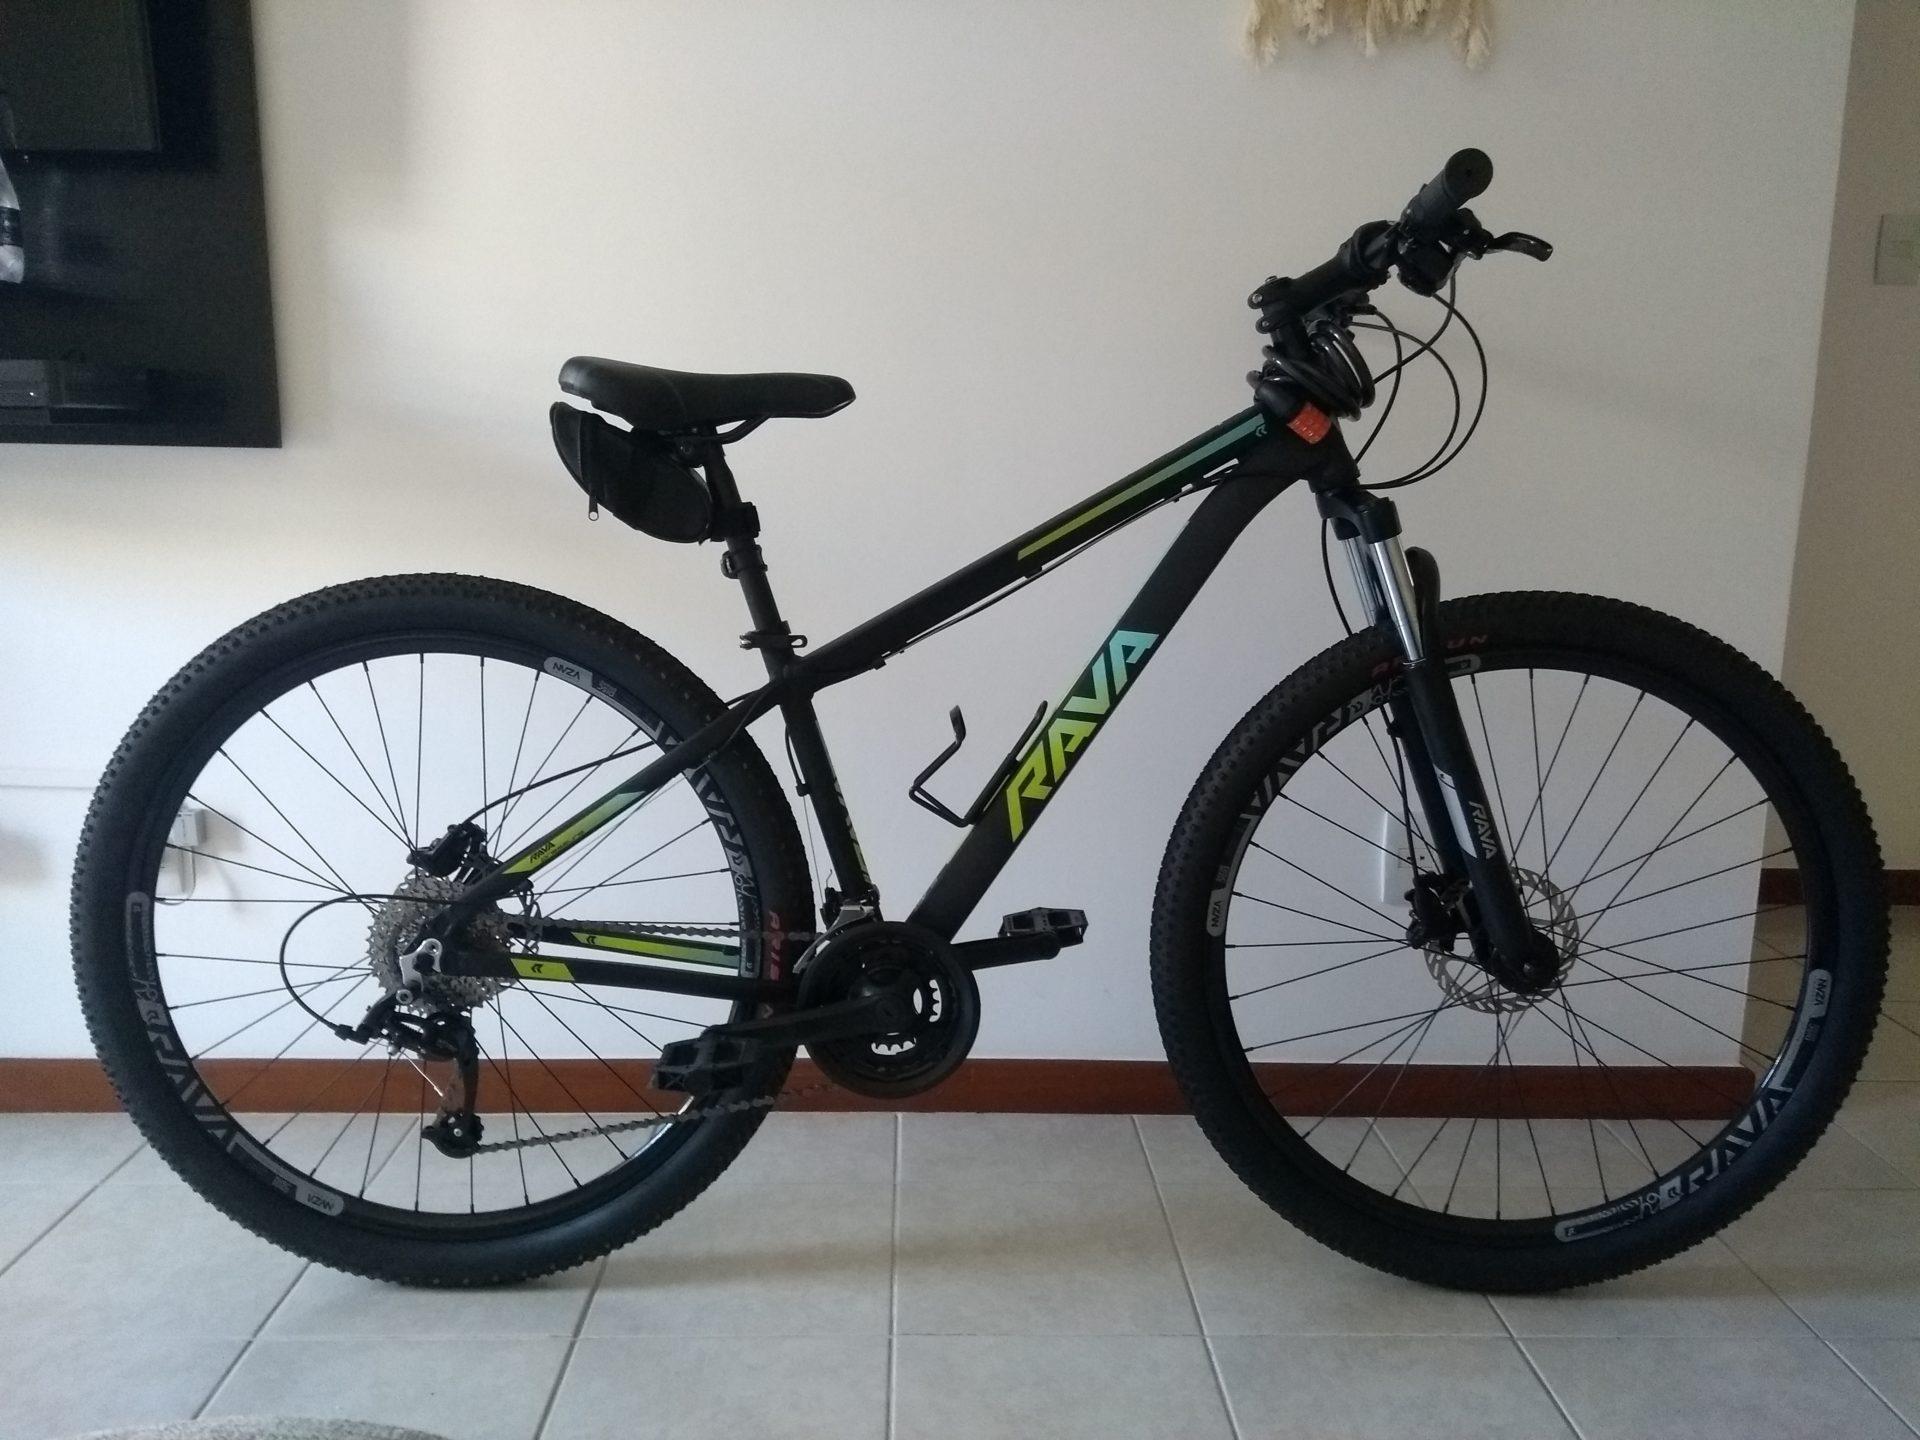 seguro de bike na prática: furto de bicicleta